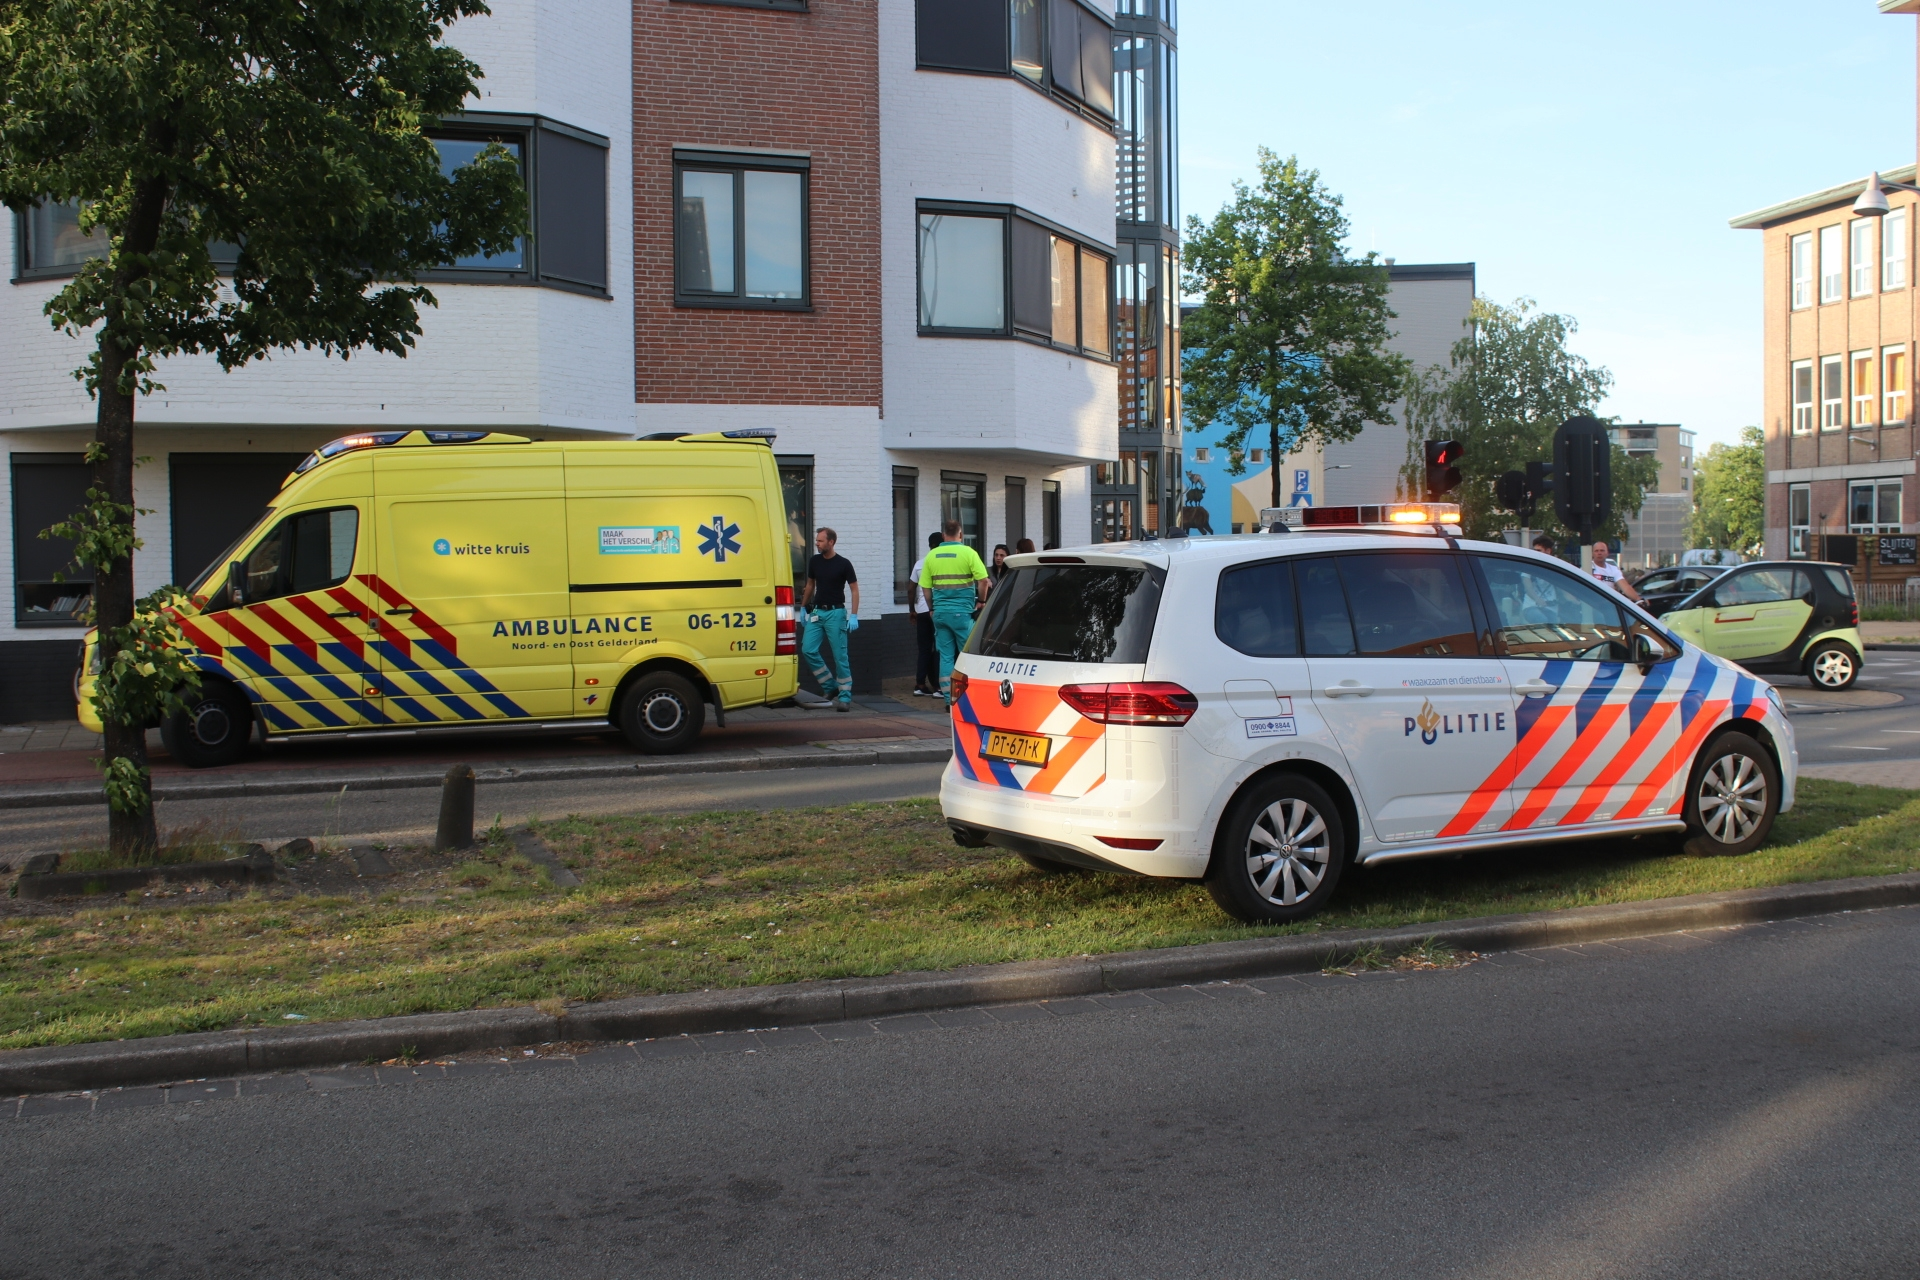 Ongeval op de Kalverstraat in Apeldoorn